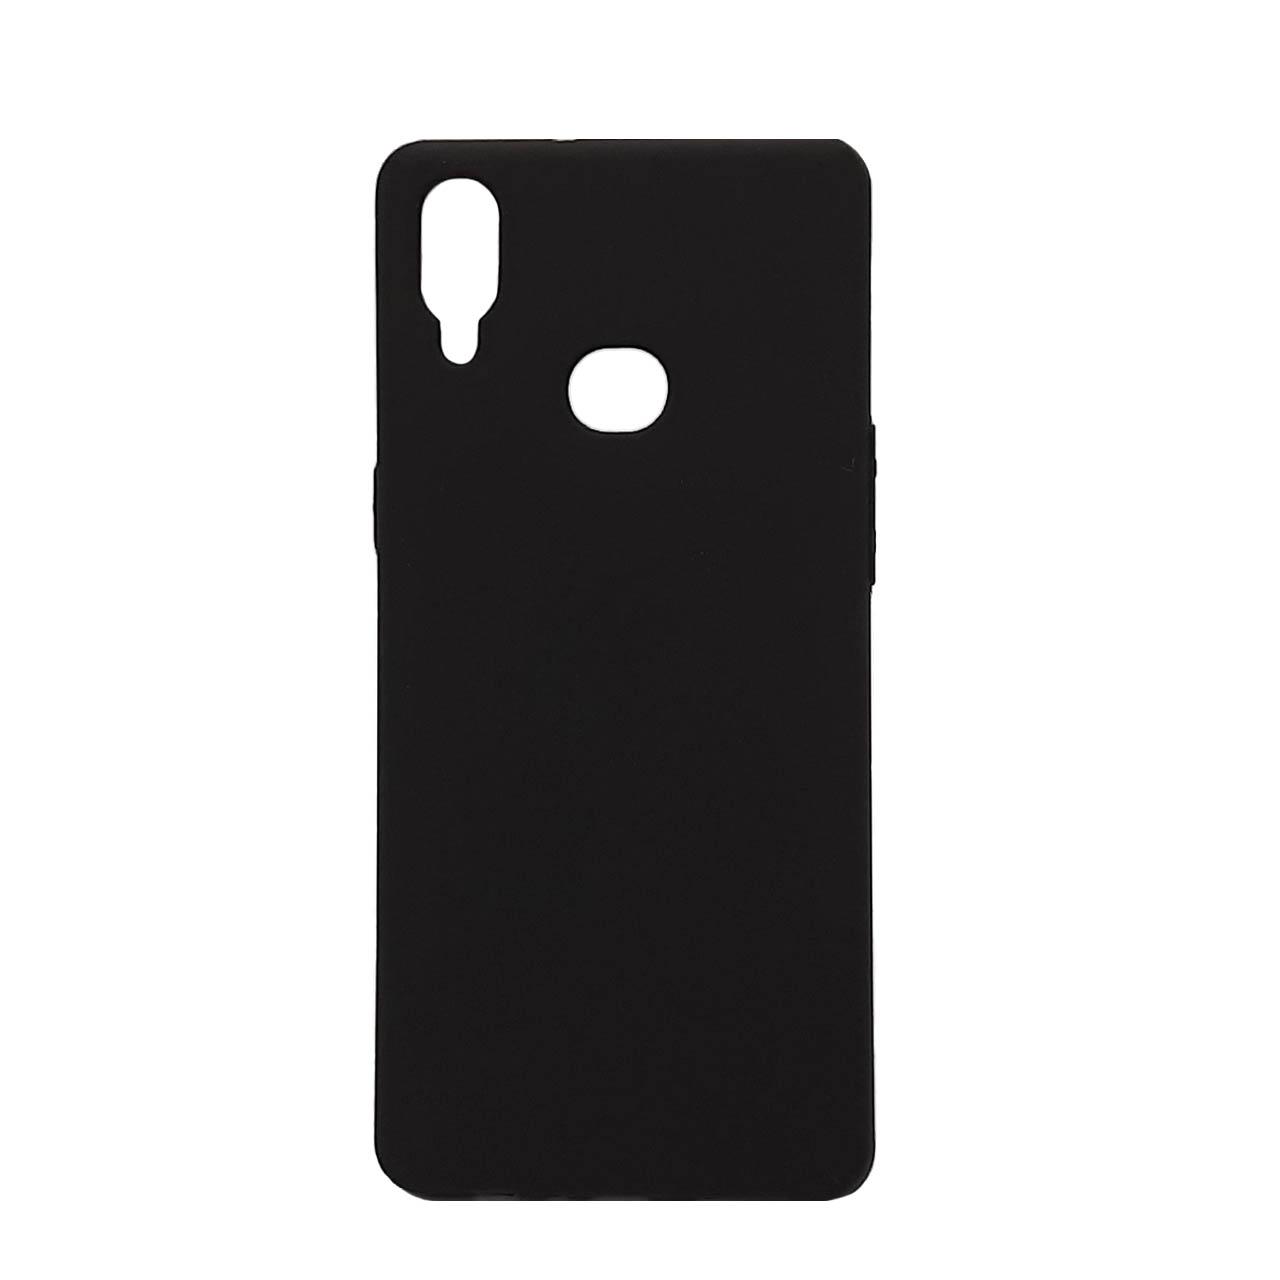 کاور مدل P11 مناسب برای گوشی موبایل سامسونگ Galaxy A10S